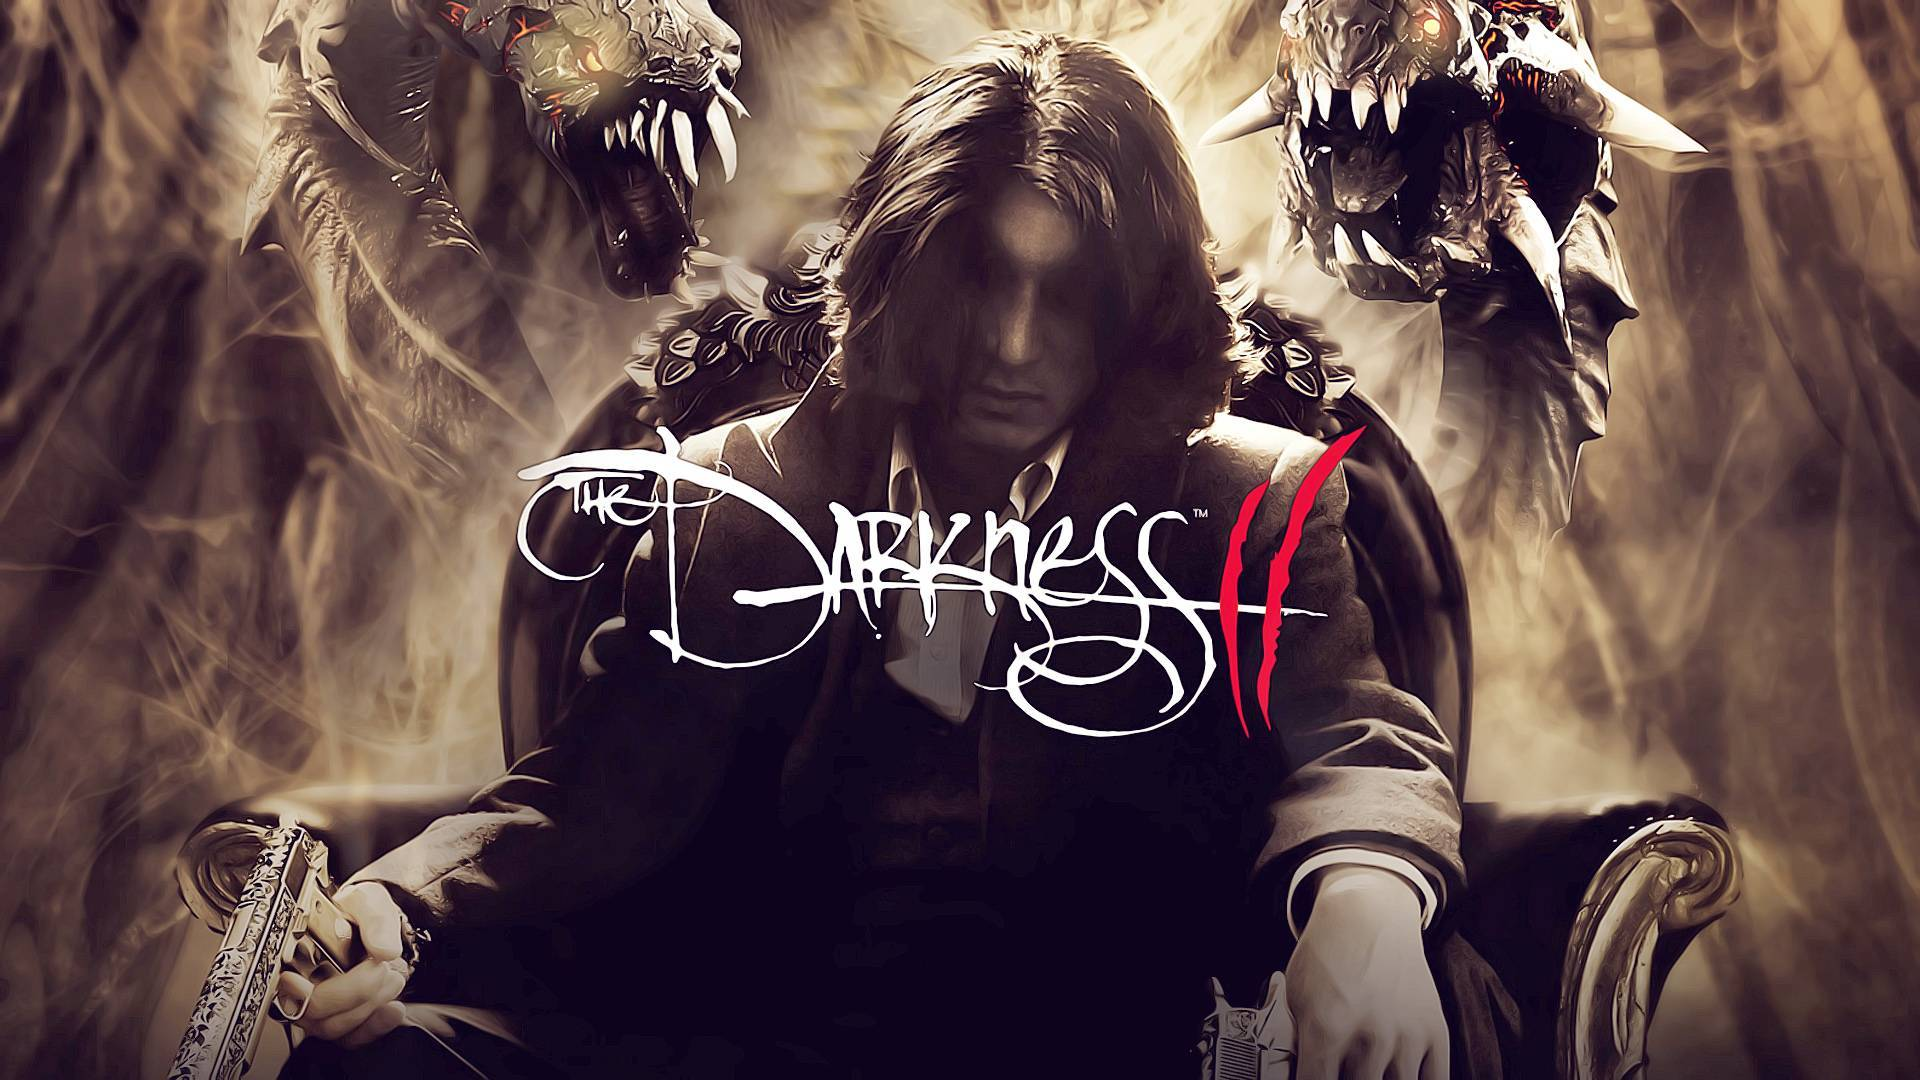 2K Games сообщила, что Digital Exteme выпустит демо-версию своего шутера The Darkness II, который выйдет в начале фе .... - Изображение 1